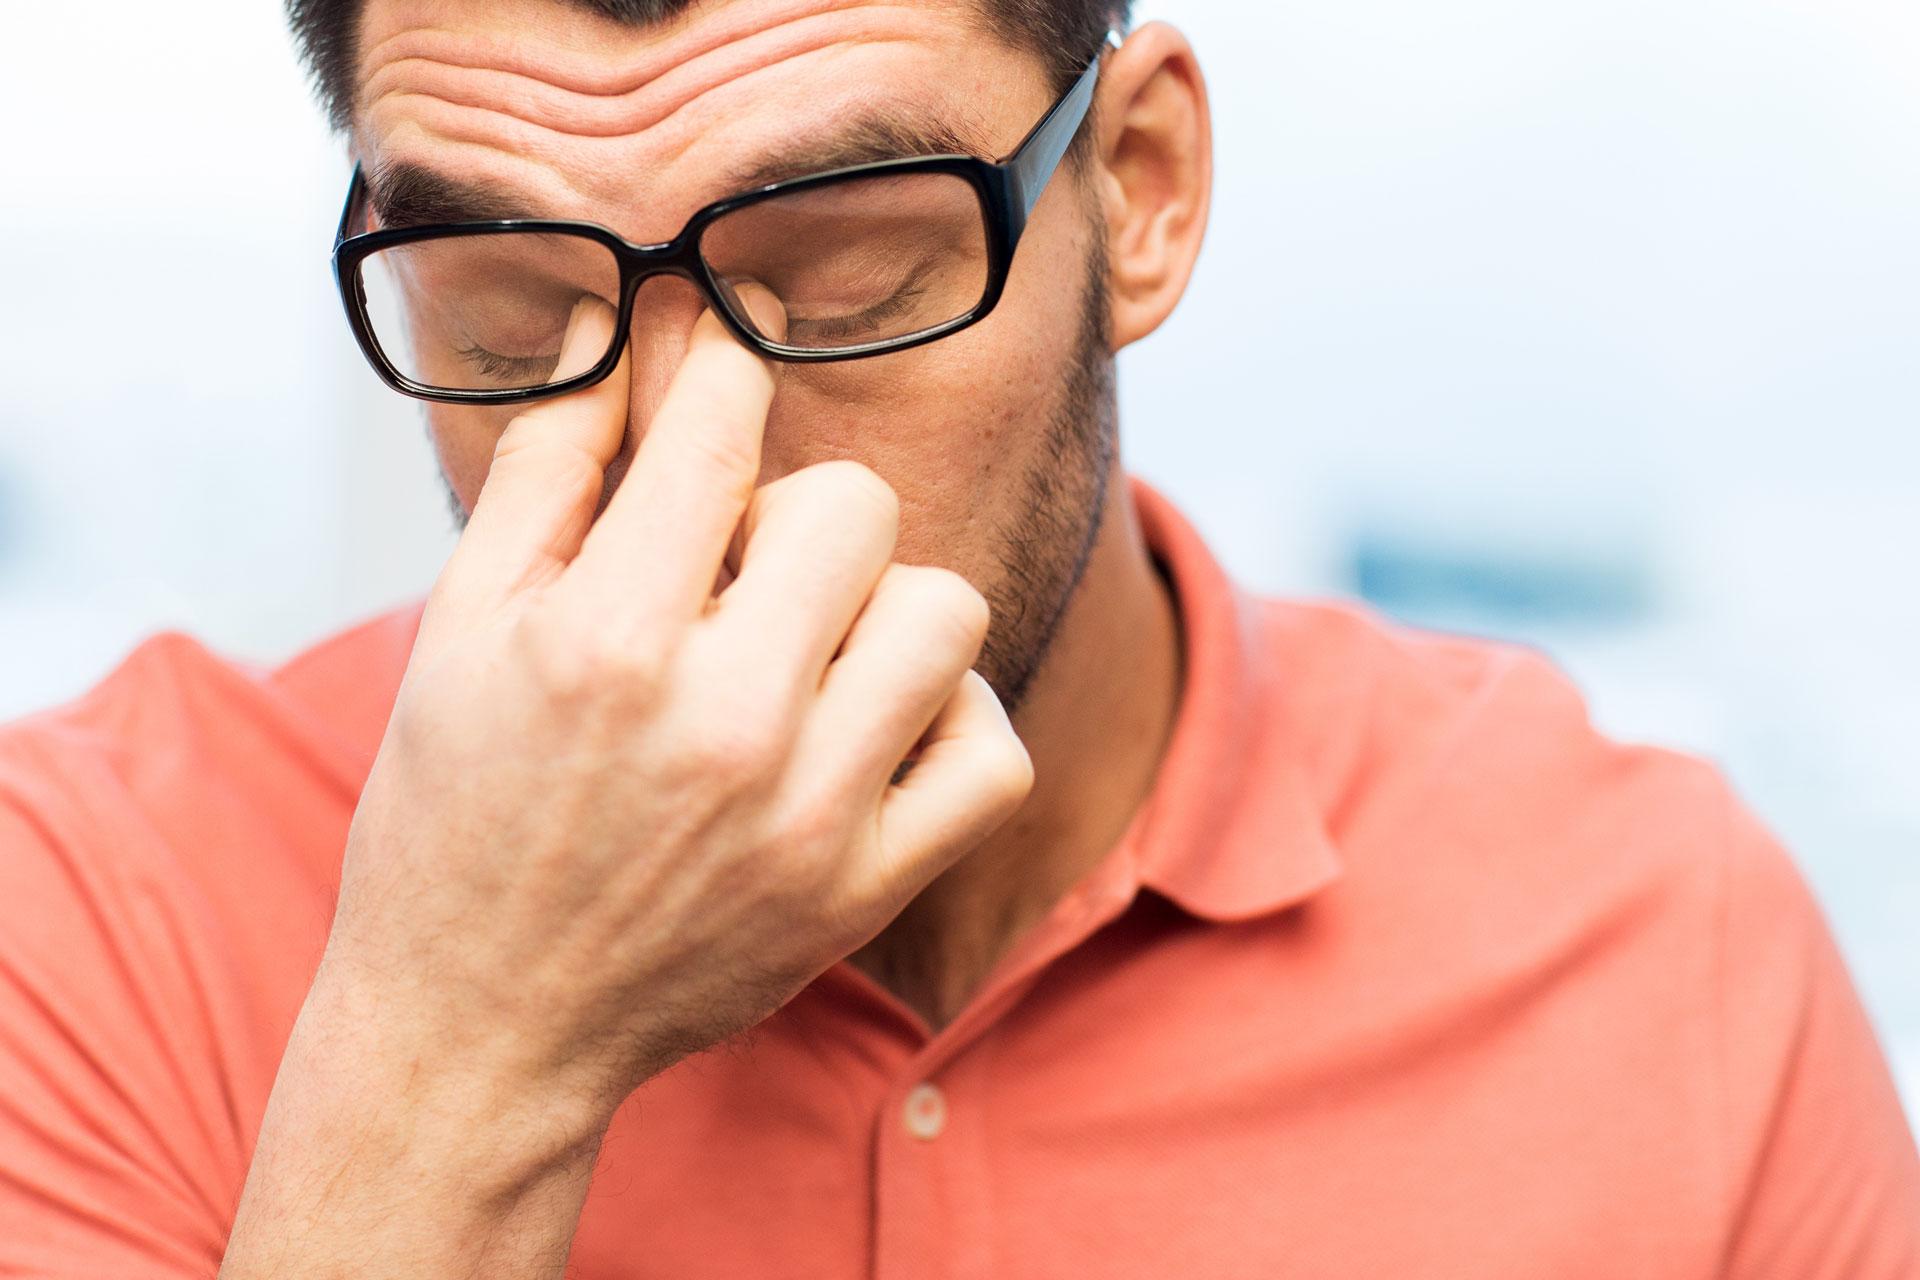 f58a691f118888 Als een bril te strak zit. De beste tips voor ontspannen zicht en de  perfecte pasvorm.